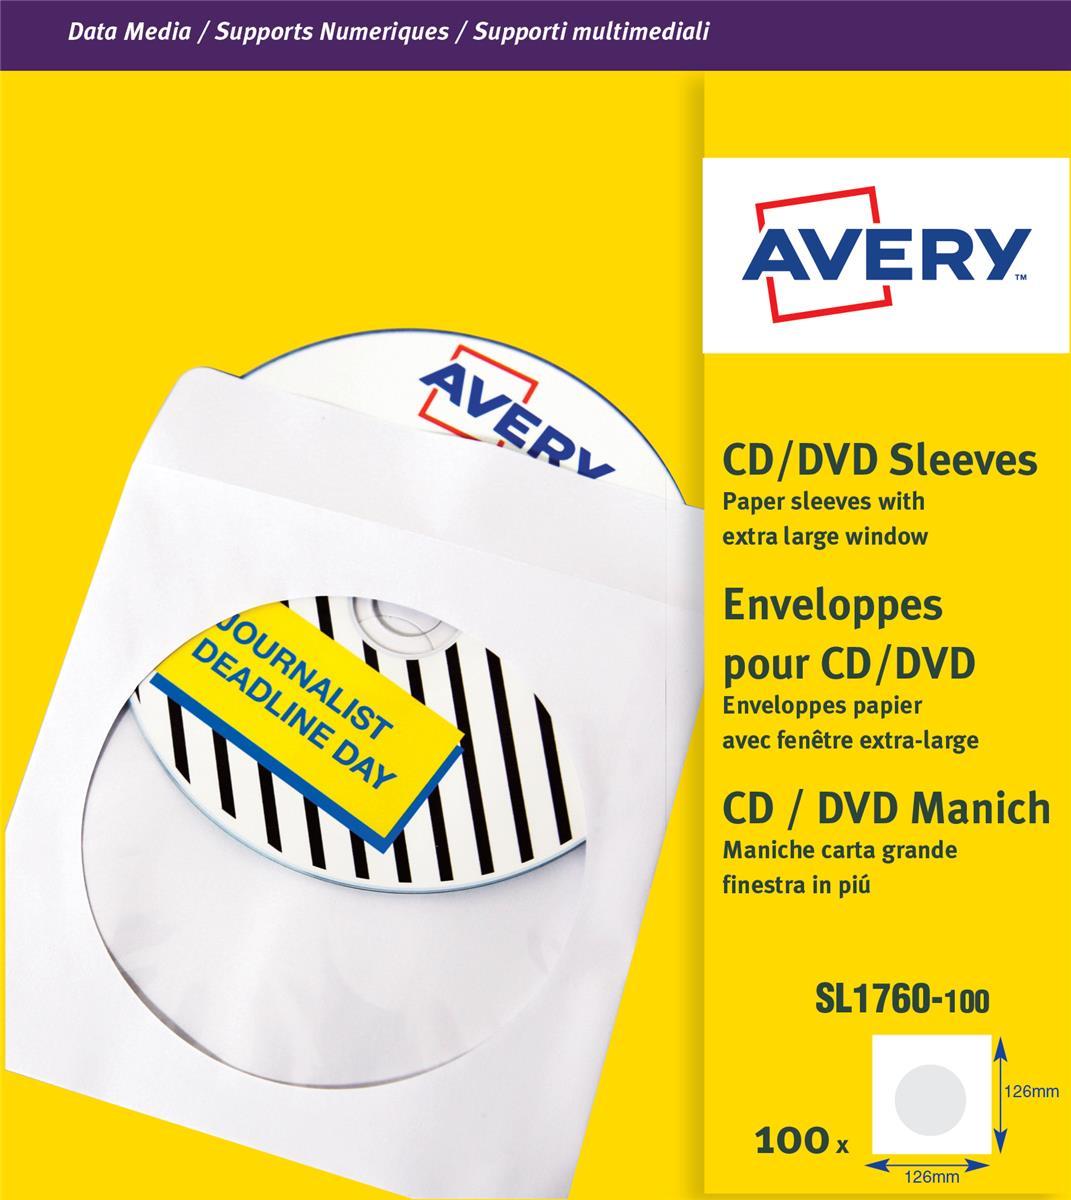 Avery CD/DVD Paper Sleeves 126x126mm White Ref SL1760-100 [Pack 100]